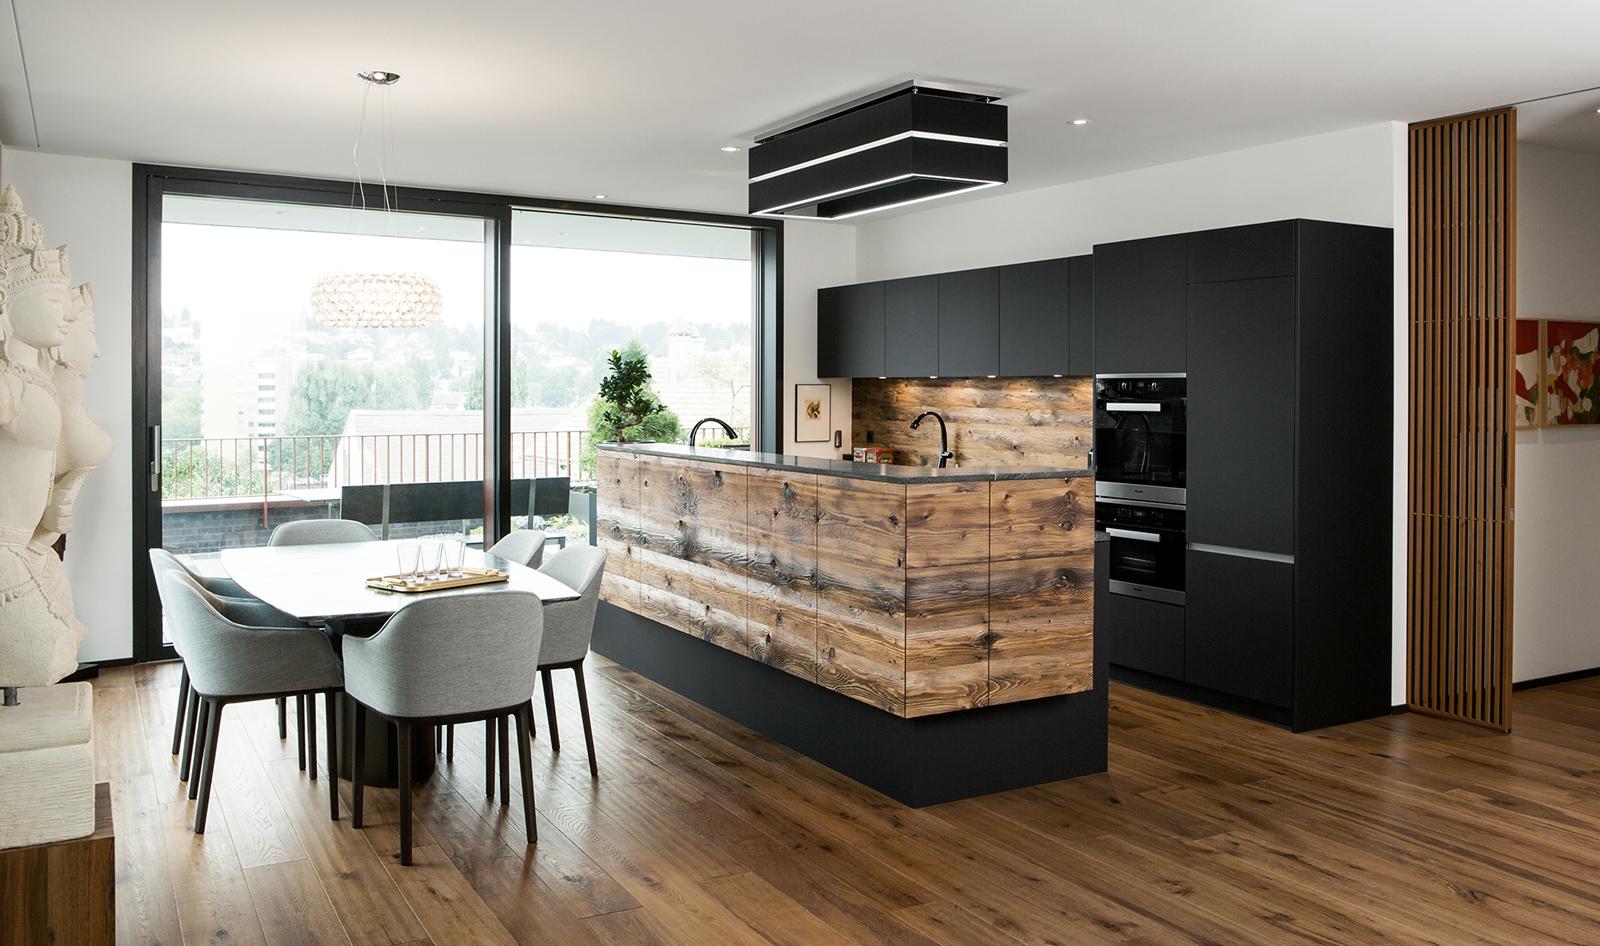 kueche neu 1 bm p ag erlinsbach. Black Bedroom Furniture Sets. Home Design Ideas